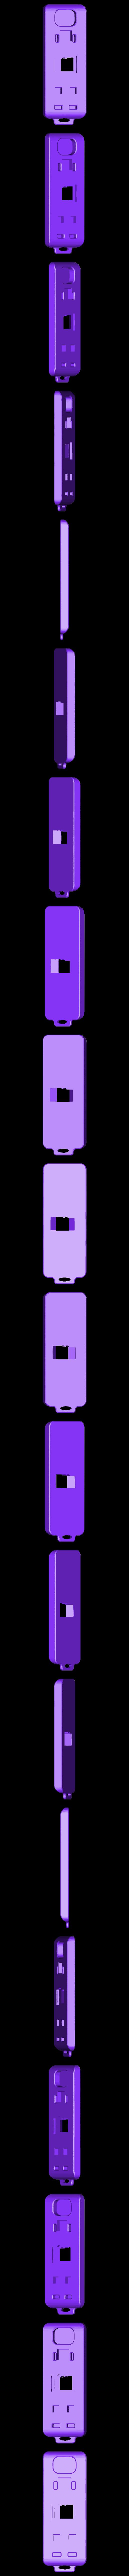 OneR_SD_battery_cover.stl Télécharger fichier STL gratuit Insta360 ONE R 2in1 couvercle de pile • Modèle pour imprimante 3D, FiveNights